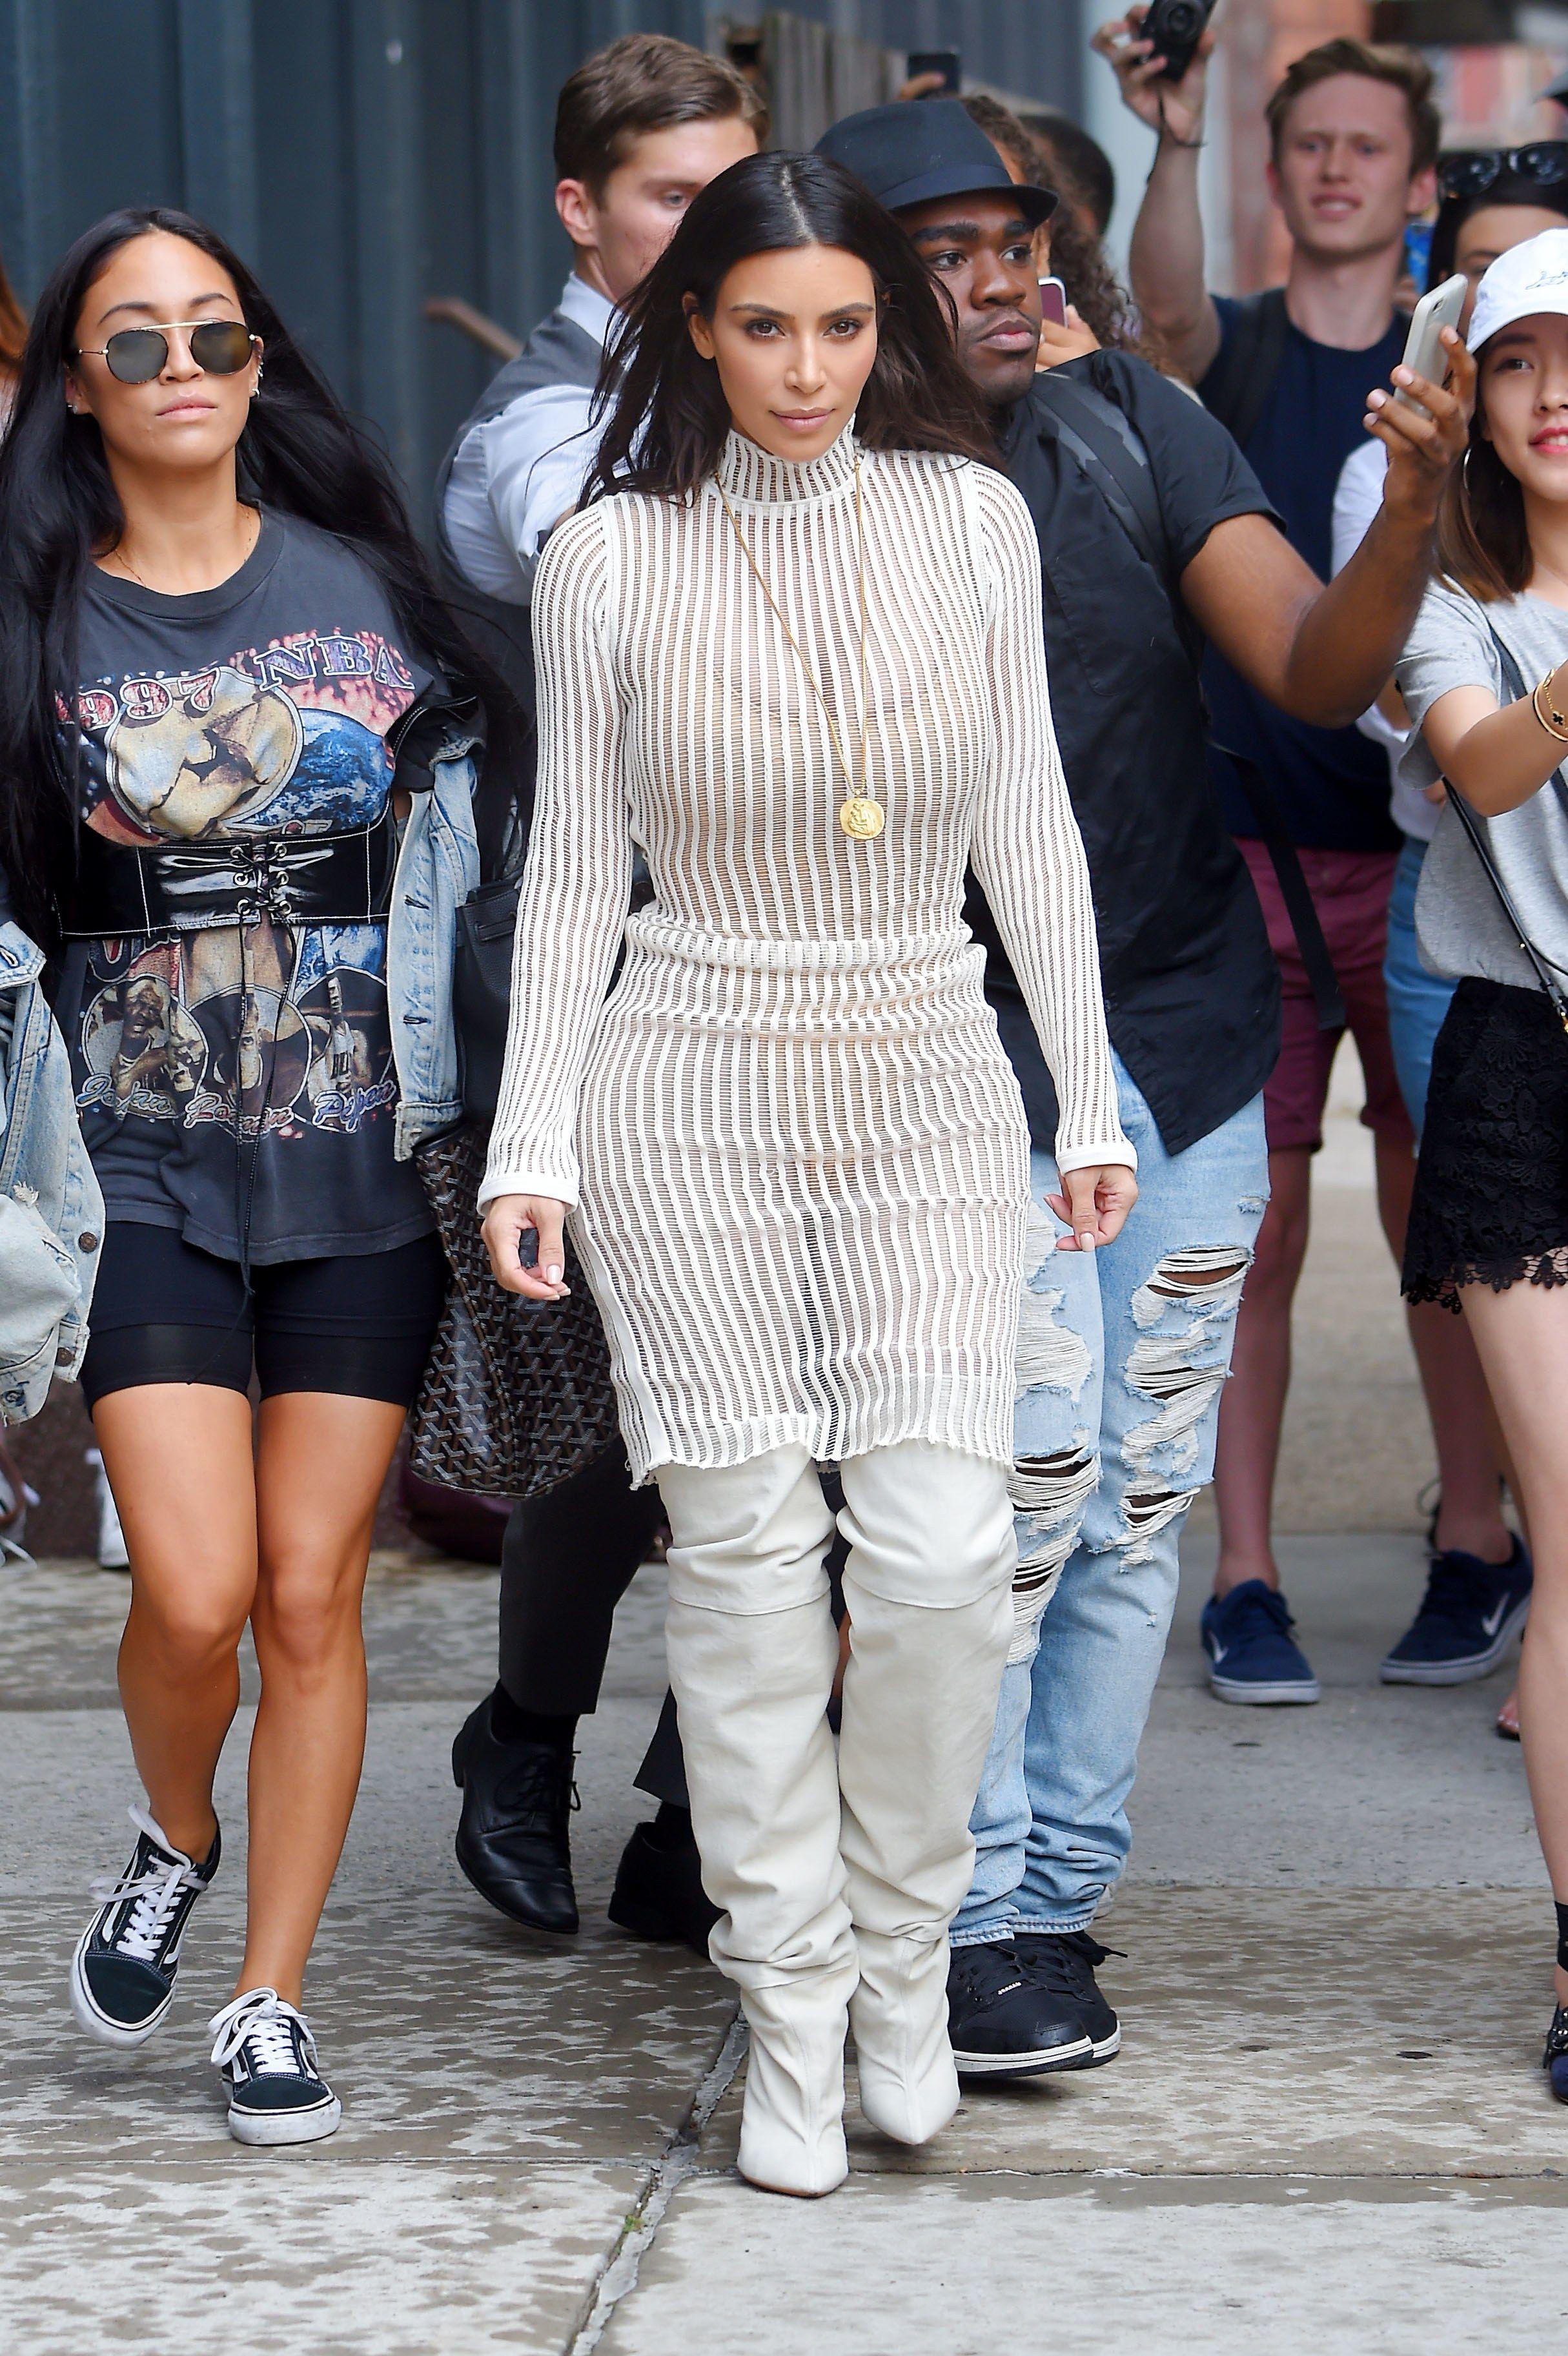 Kim Kardashian Is Truly Having a Fabulous Week Photos | W Magazine